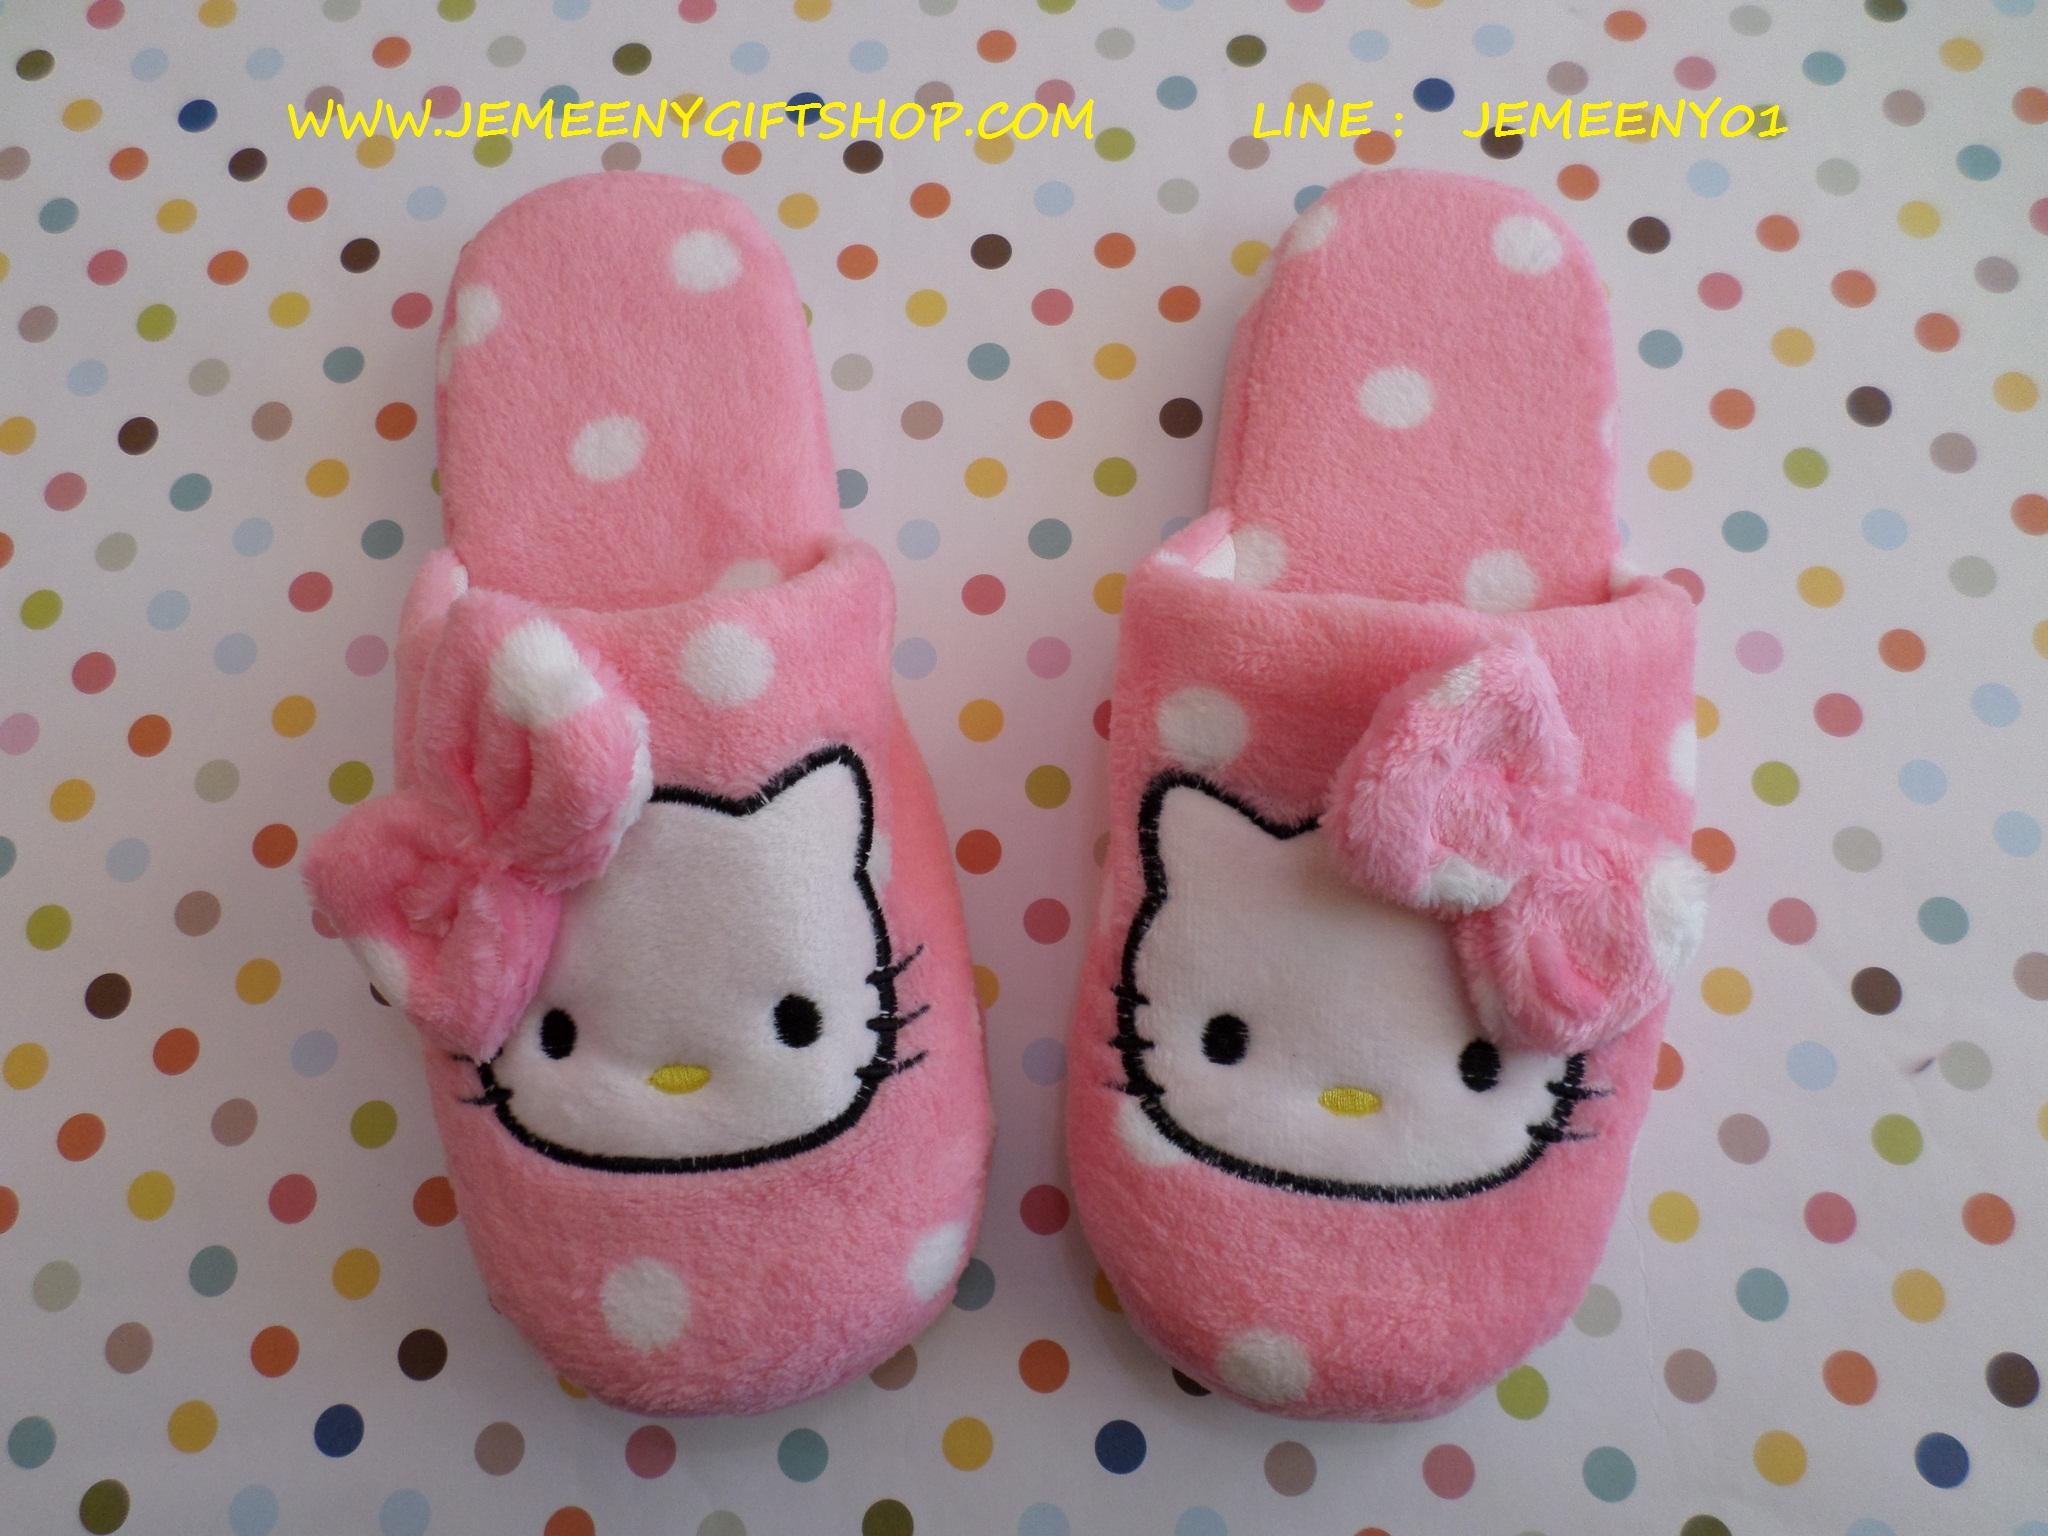 รองเท้าใส่ในบ้าน/ออฟฟิศ ฮัลโหลคิตตี้ Hello kitty#3 ขนาด free size ลายหน้าคิตตี้โบว์ชมพูจุดขาว